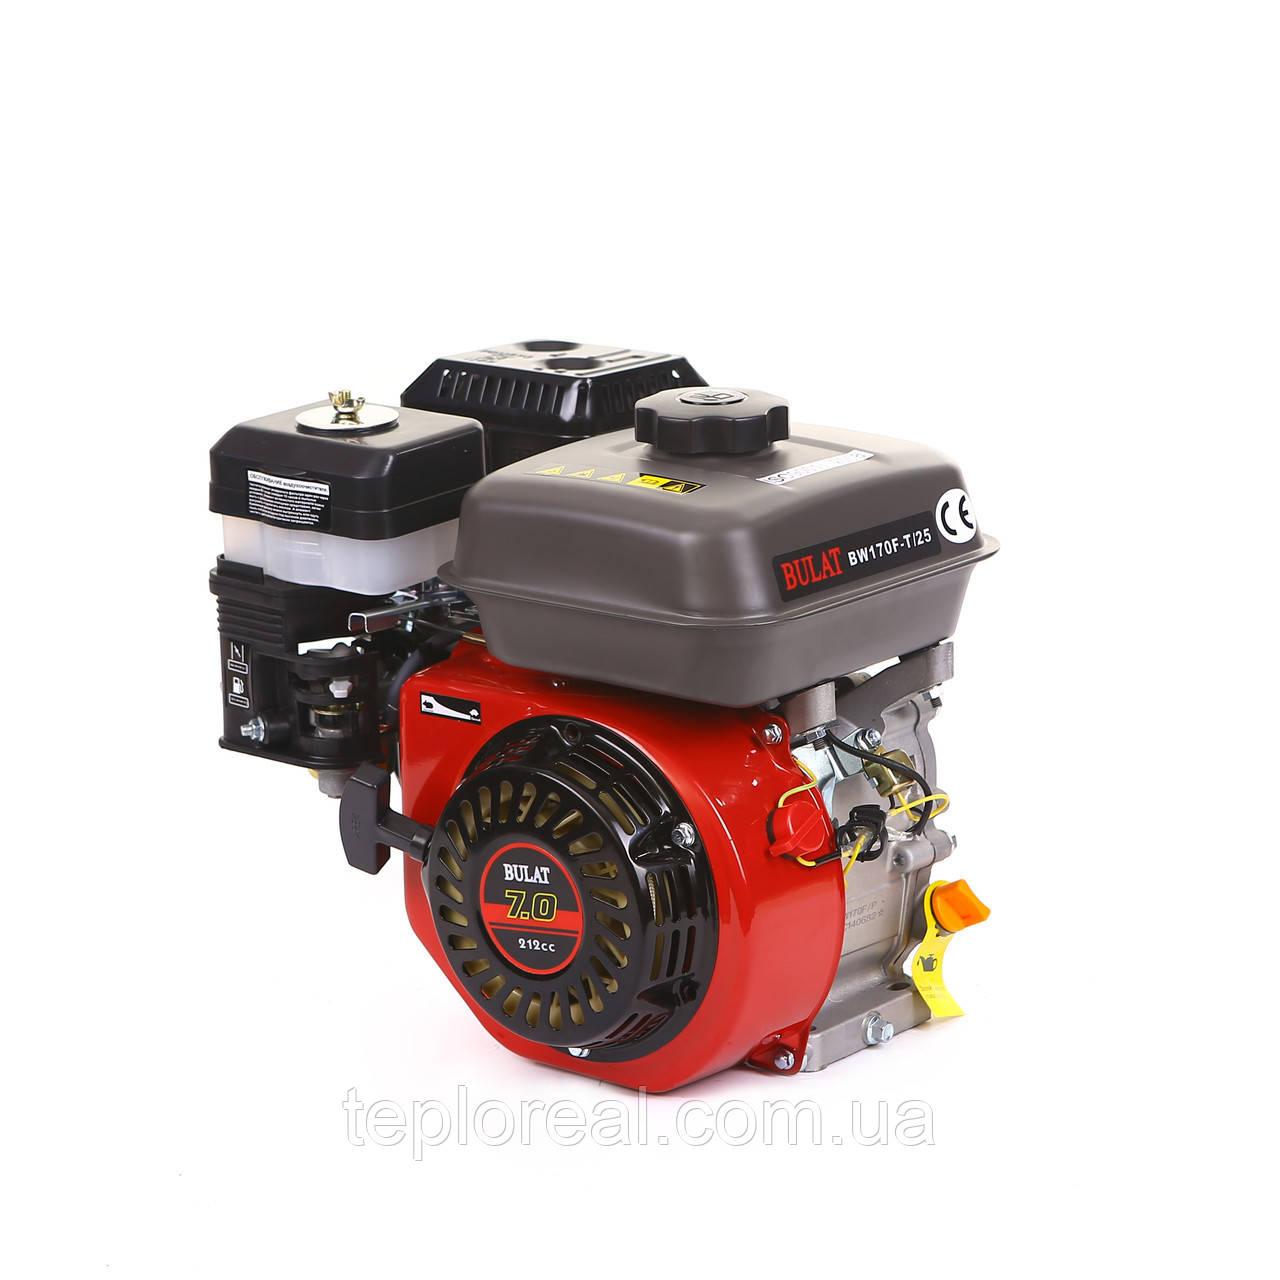 Двигун бензиновий BULAT(WEIMA) BW170F-Т(7,5 л. с. під шліц 25мм)